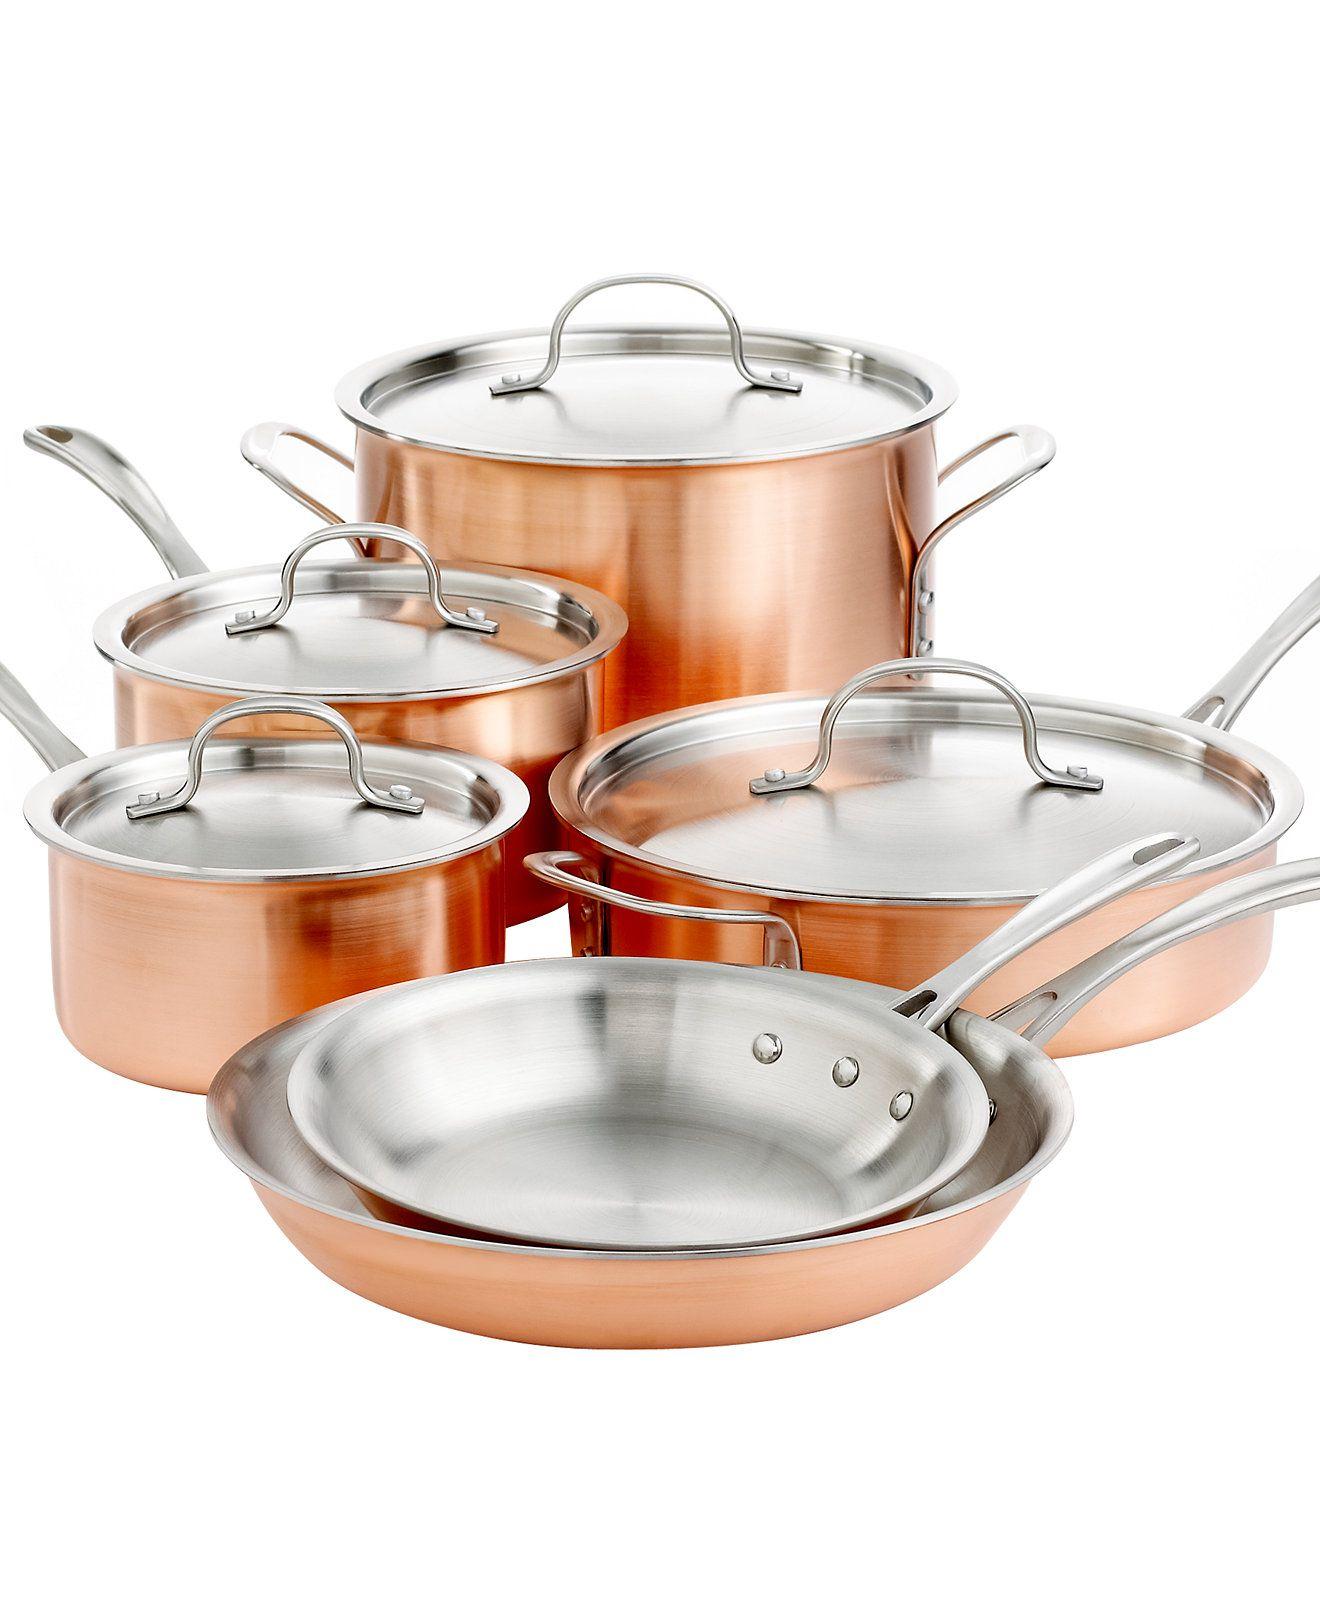 Calphalon Tri Ply Copper 10 Piece Cookware Set | Cocina, Cocinas y Satén